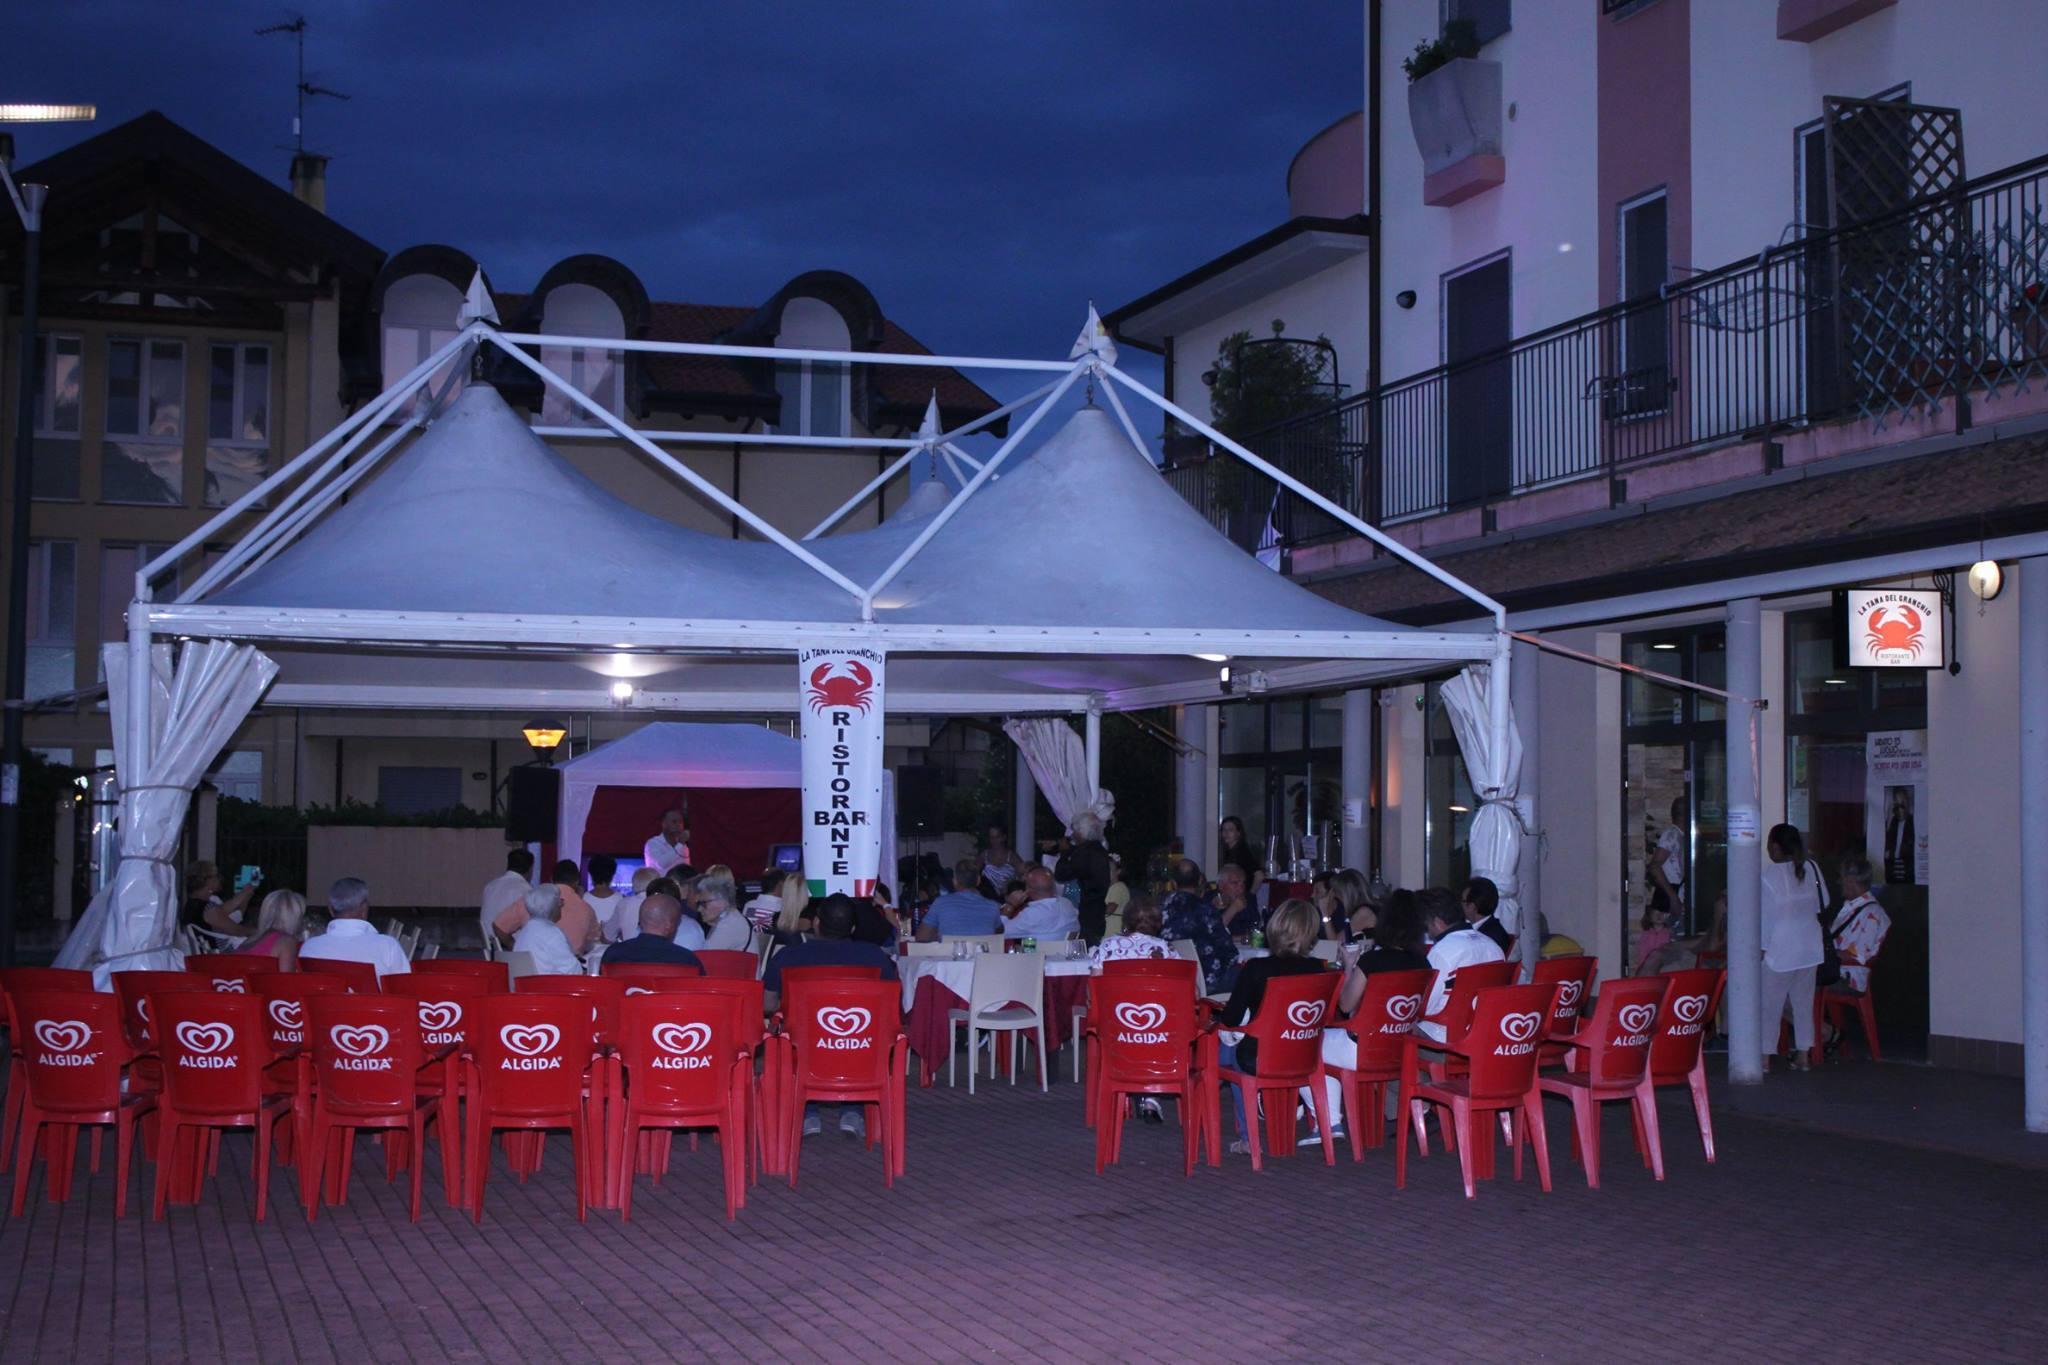 della gente a tavola sotto un gazebo con un tendone bianco e delle sedie rosse